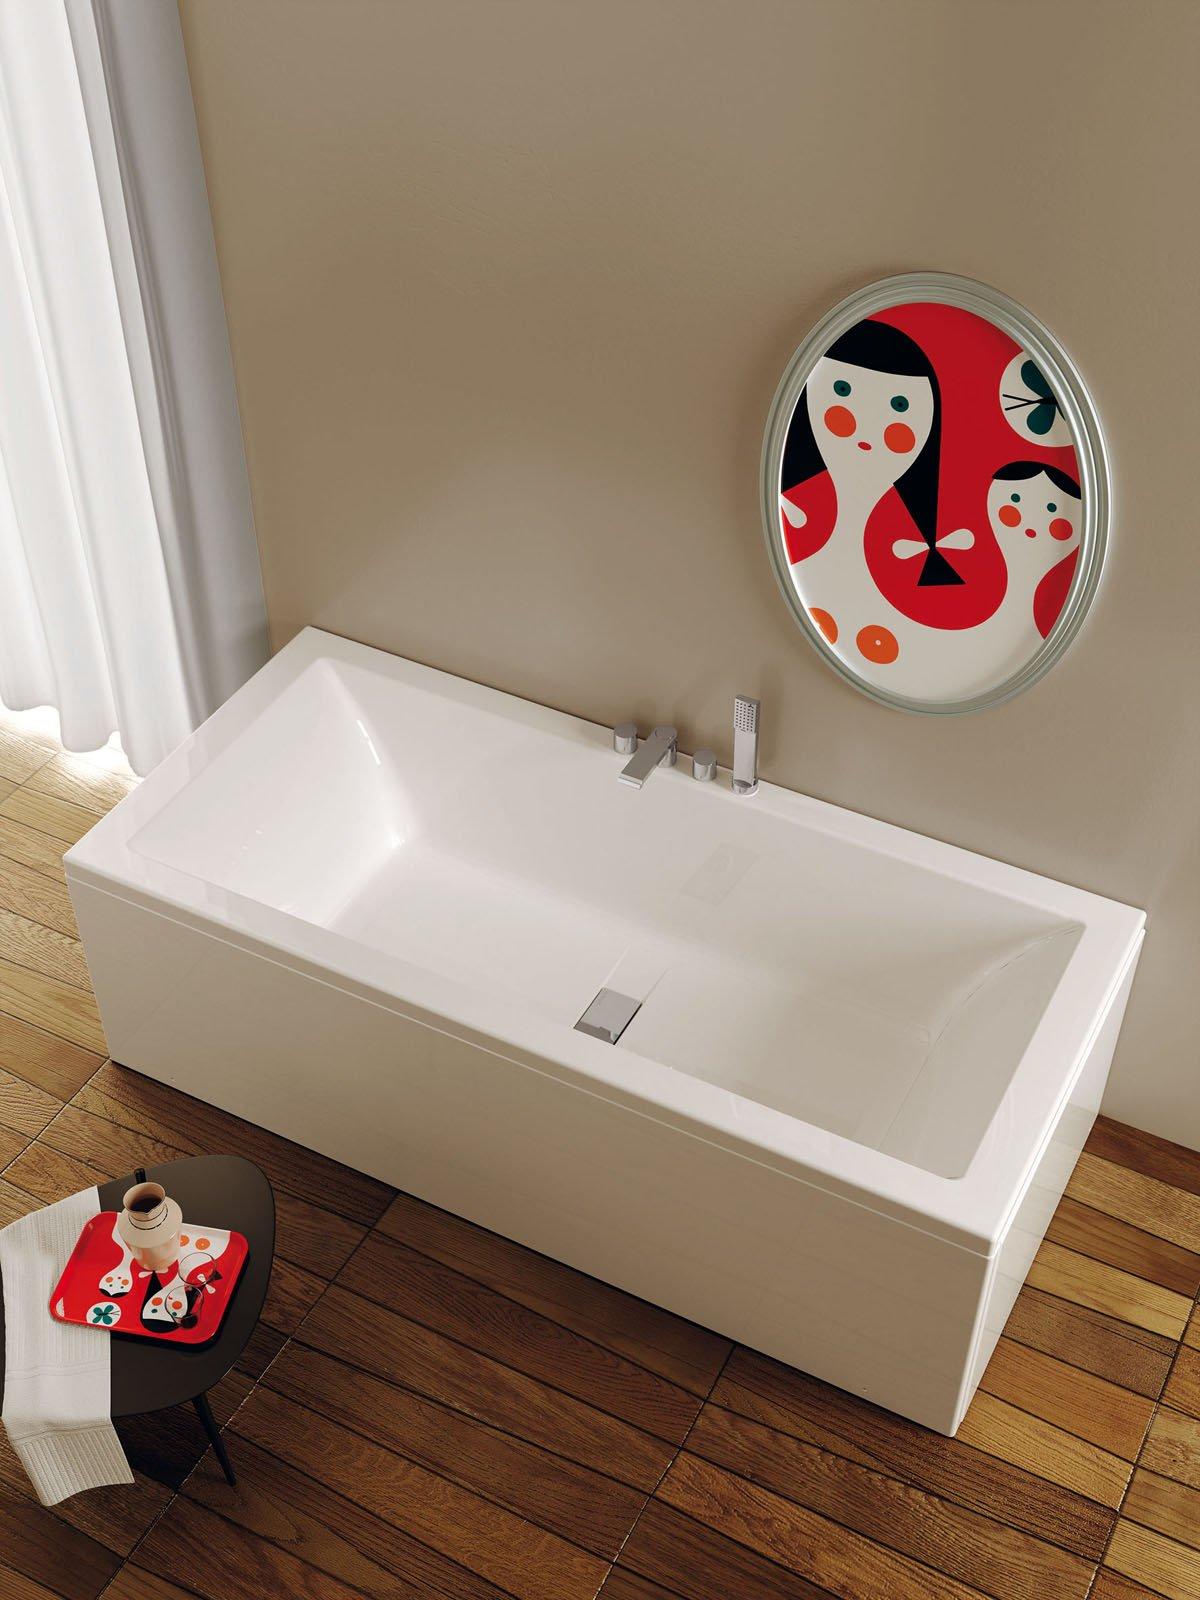 Vasche da bagno piccole cose di casa - Vasca da bagno piccola misure ...